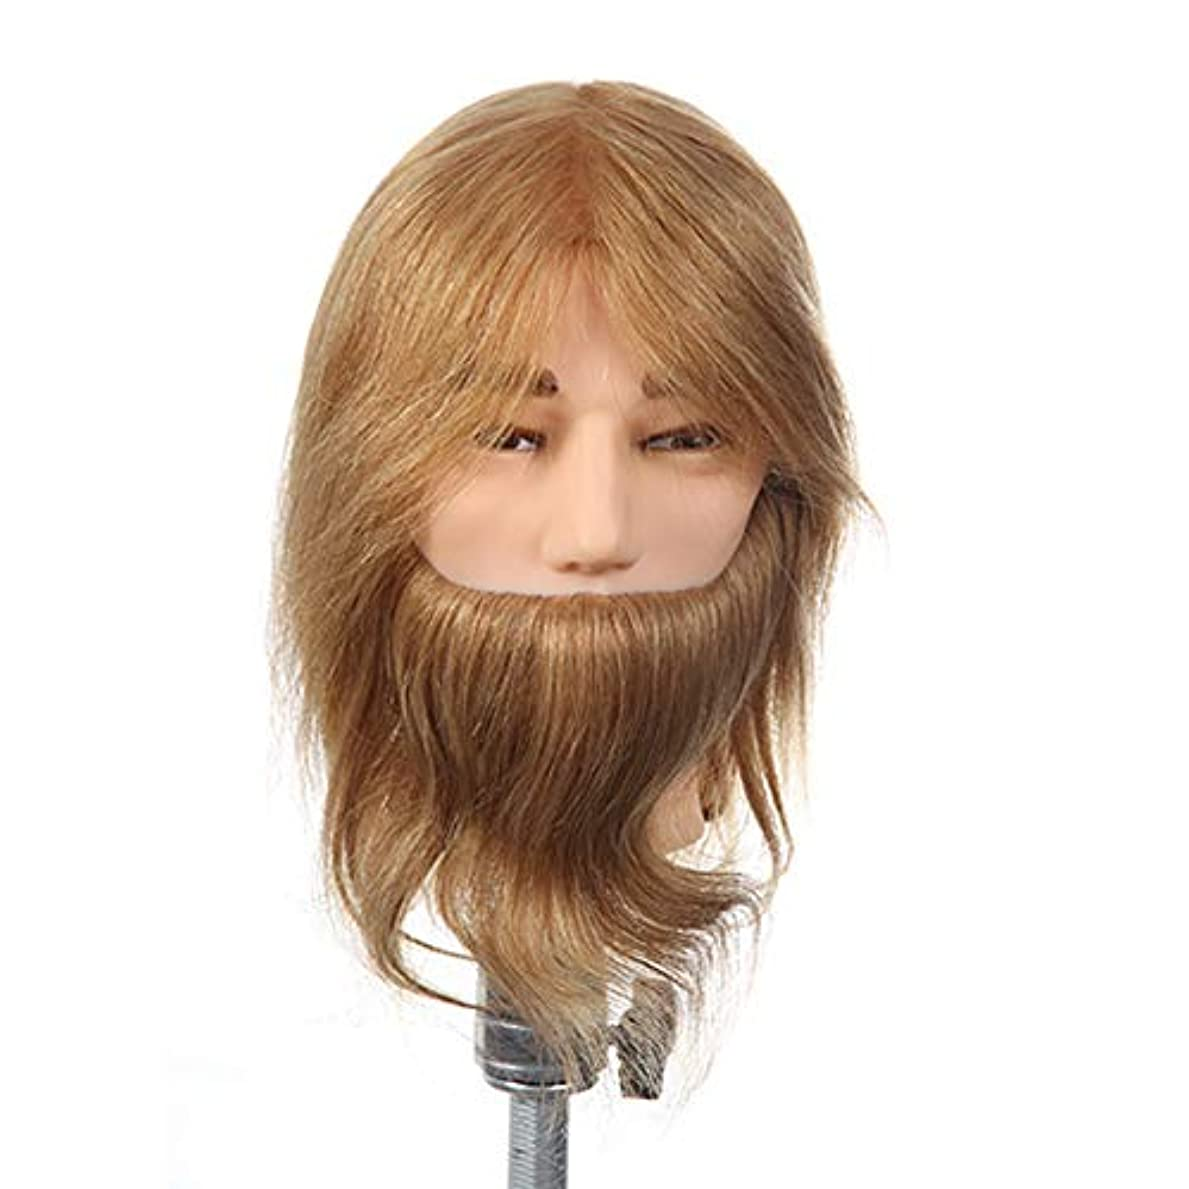 ごみゴール発見するサロン学習パーマ髪染めマネキン男スタイリングかつらティーチングヘッドリアル人間の髪ダミーヘッド付きひげロングヘアゴールド